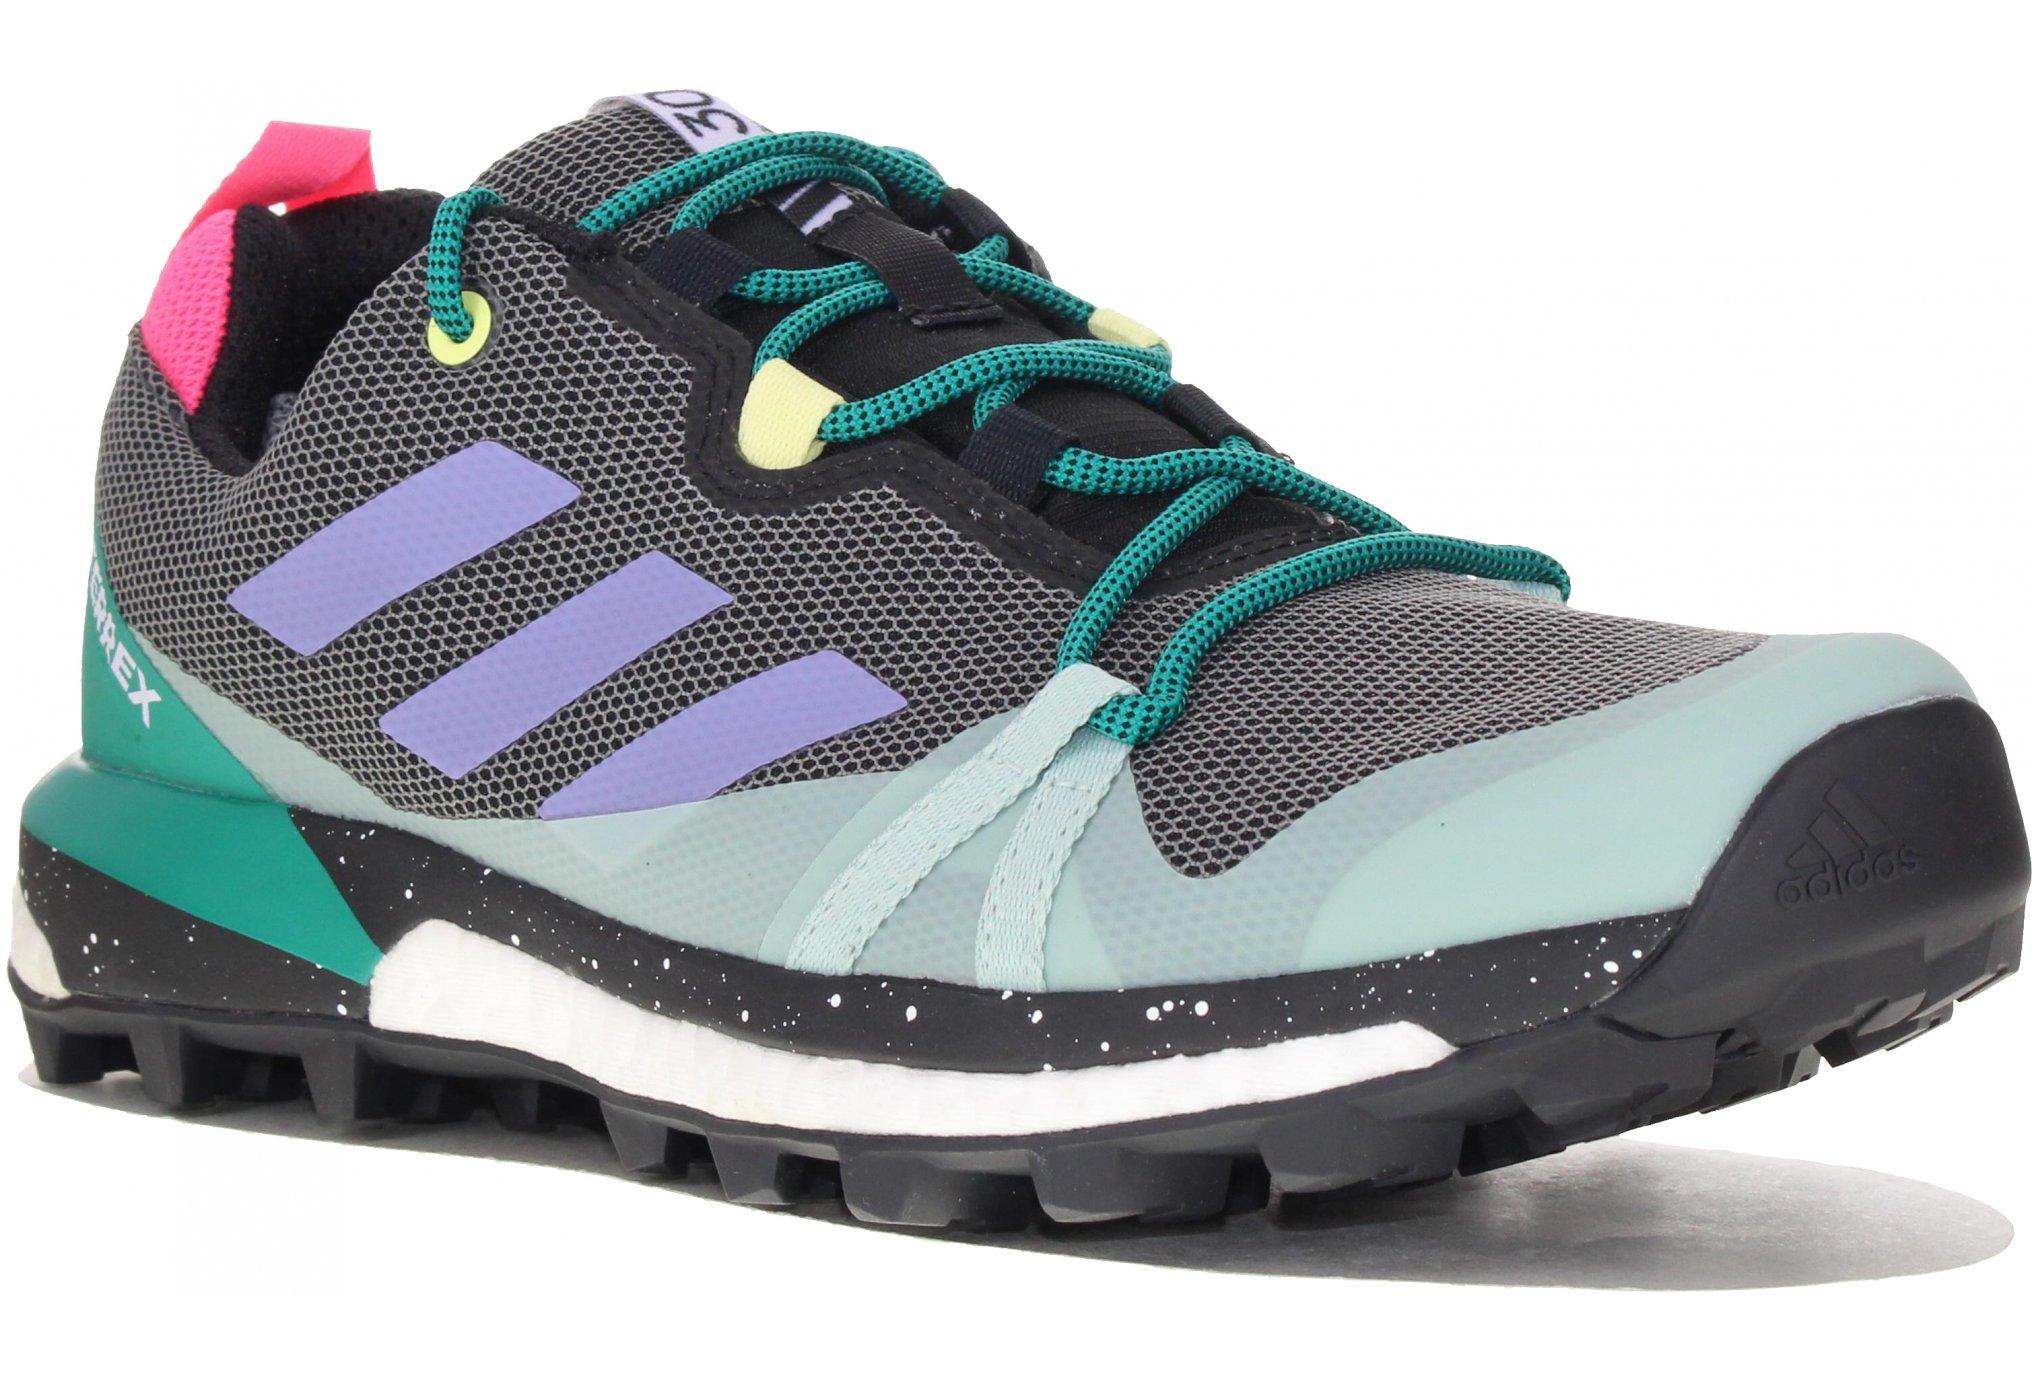 adidas Terrex Skychaser LT Gore-Tex Chaussures running femme